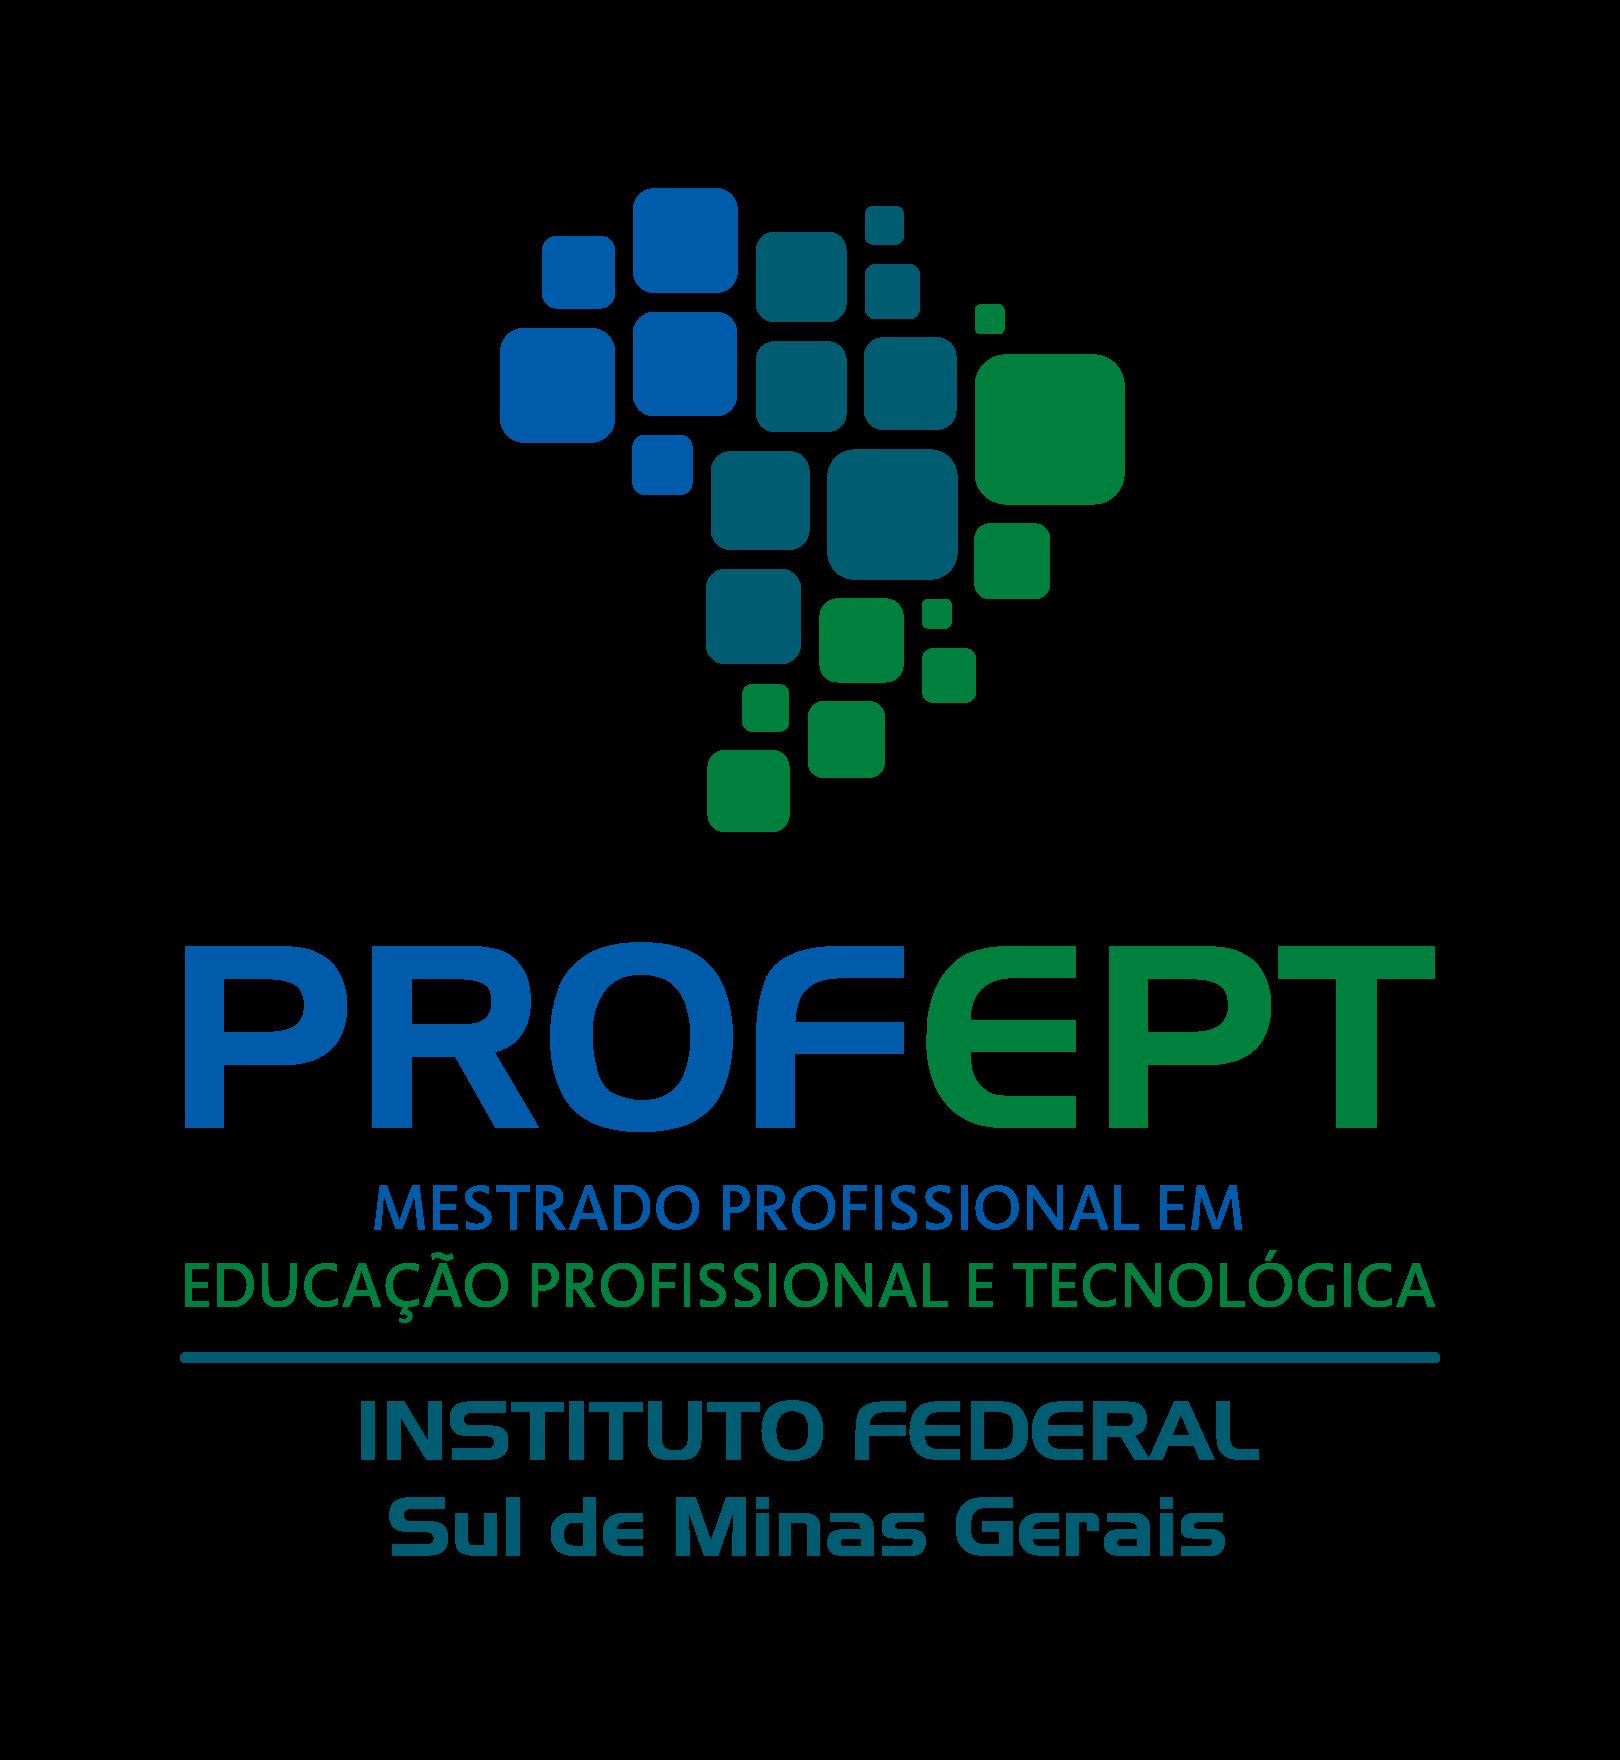 arte com o logo do ProfEPT com imagem do mapa do Brasil em verde e azul